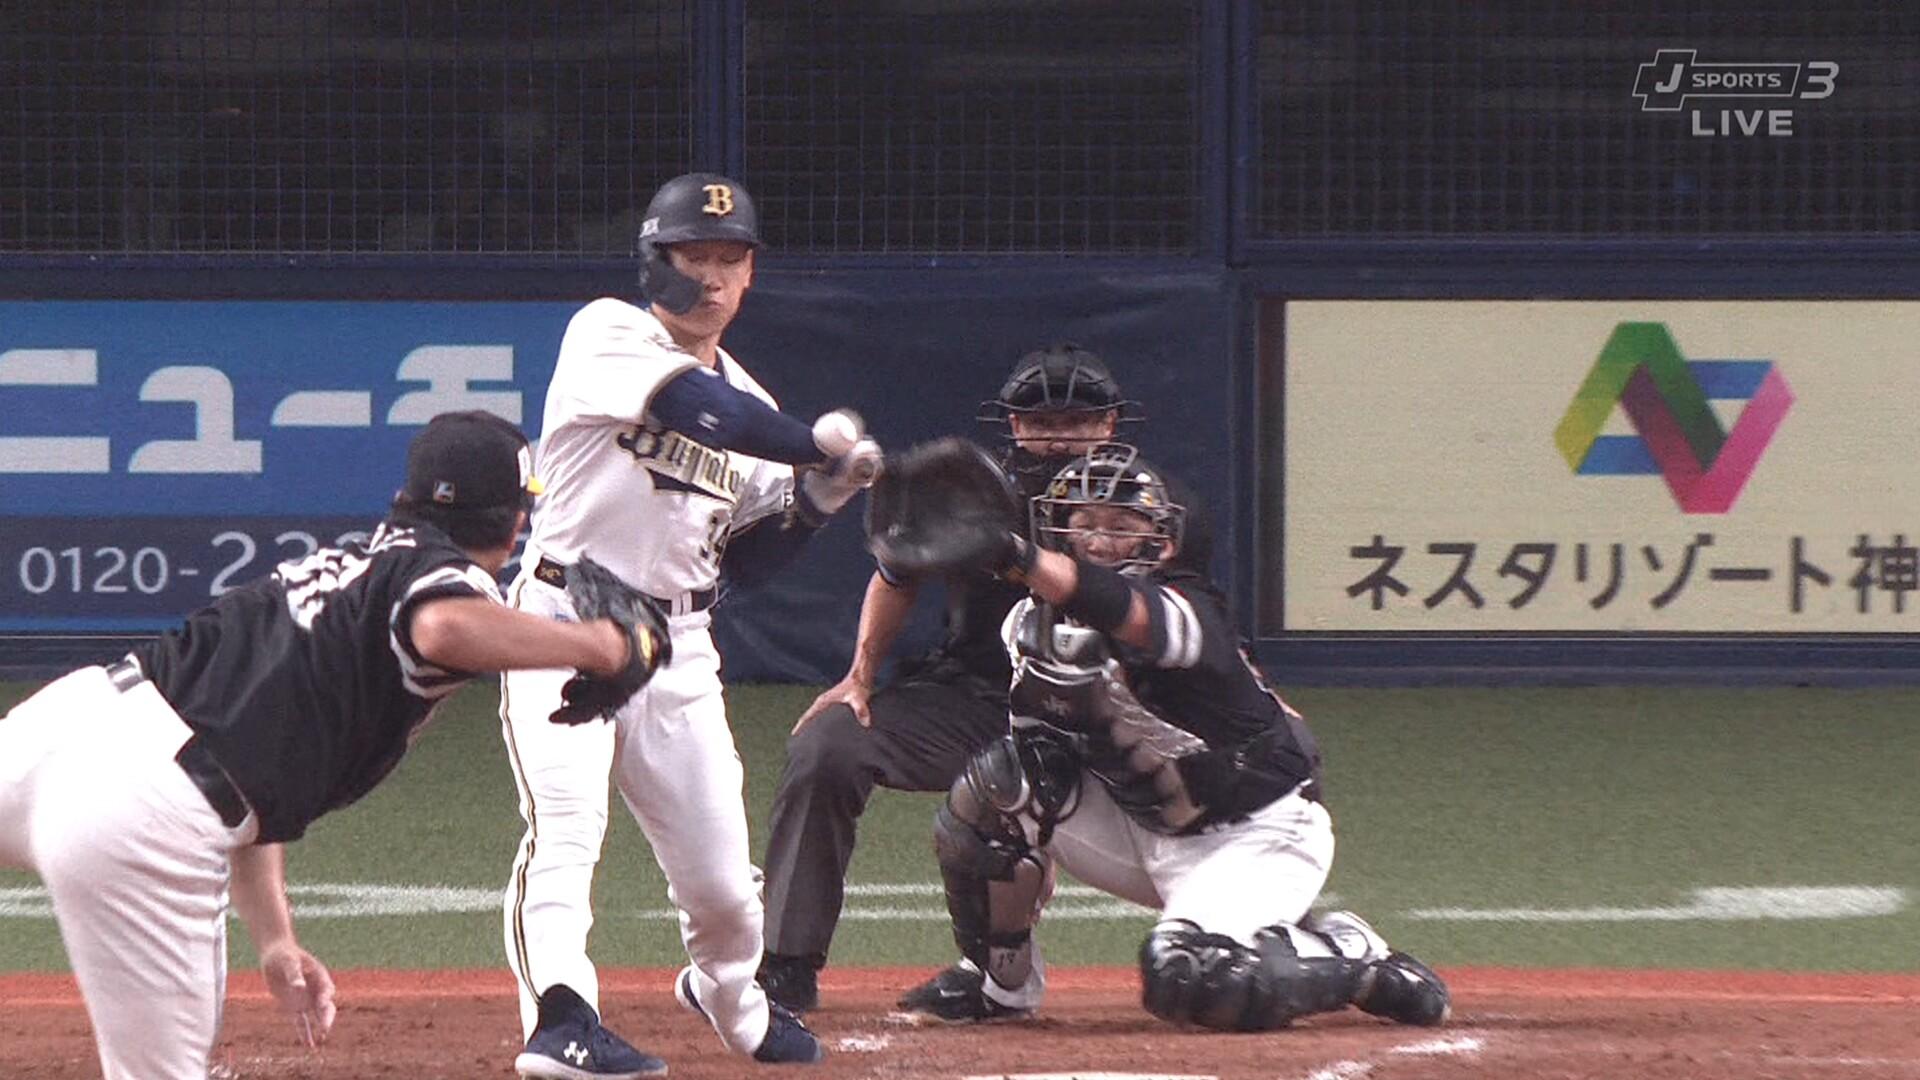 吉田正尚、手首付近への死球で途中交代